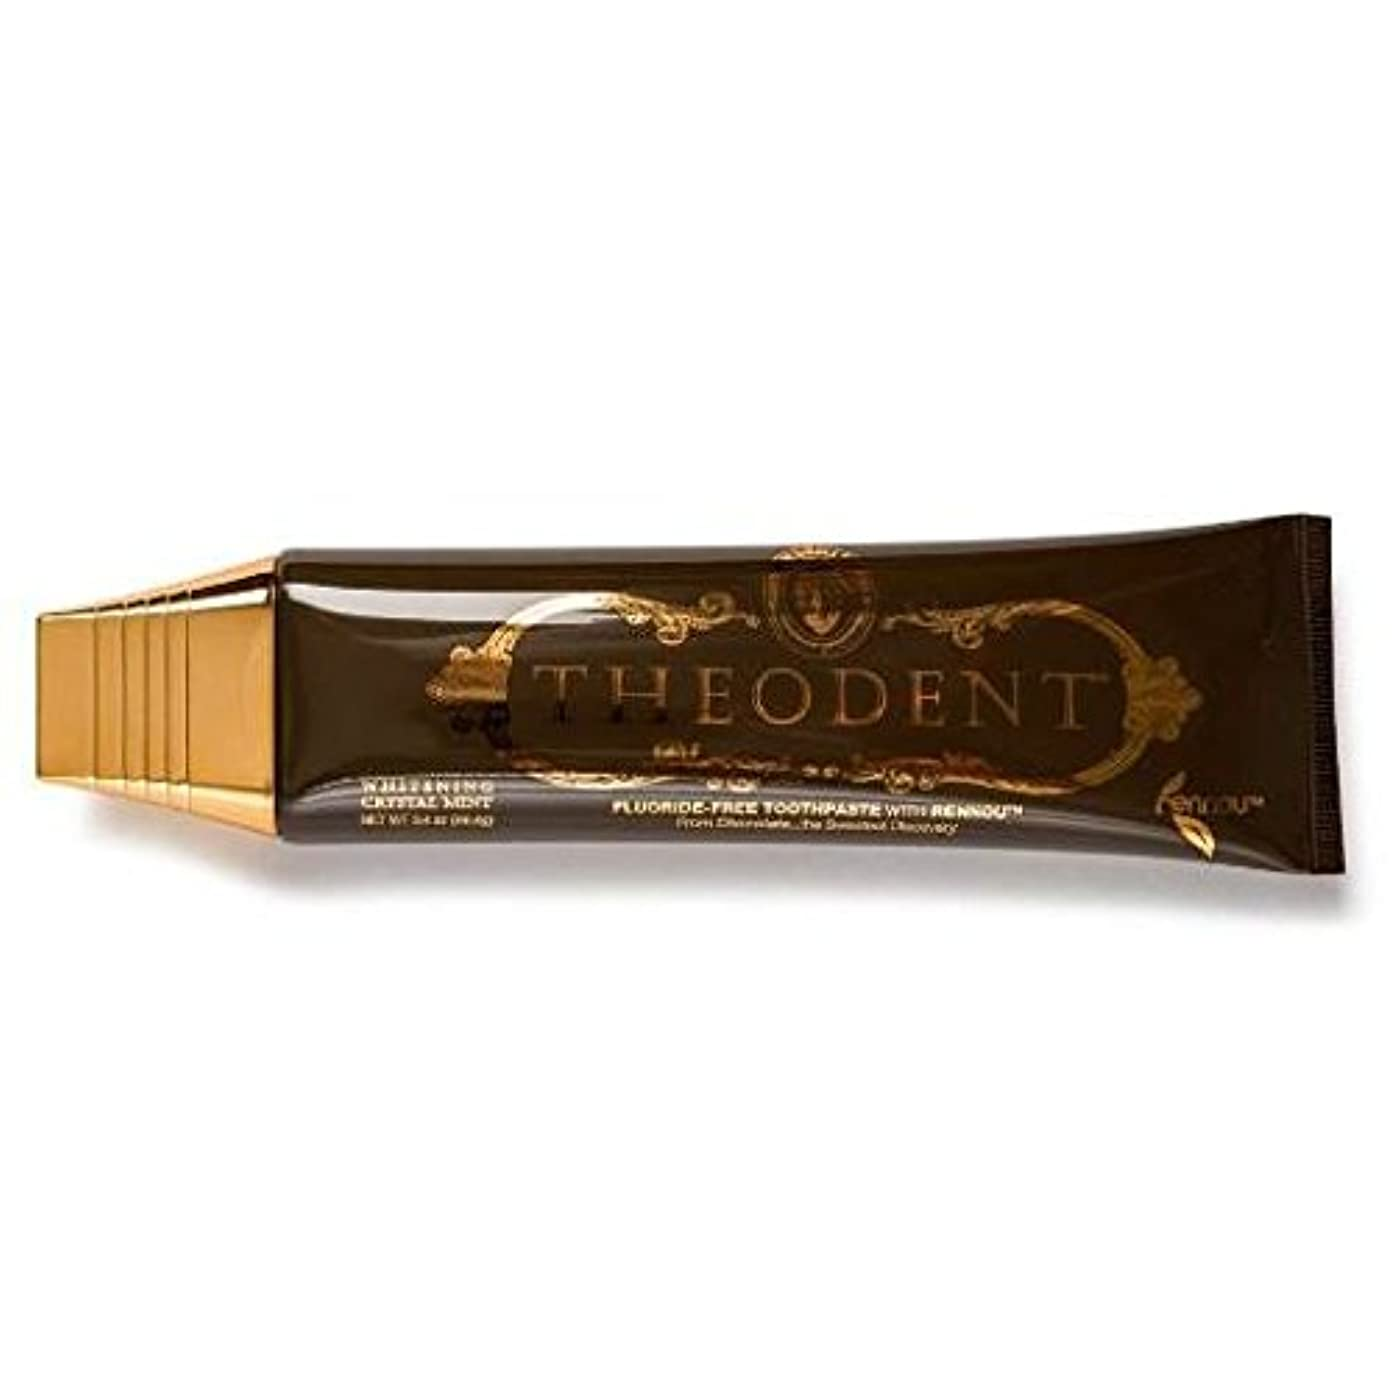 3本セット THEODENT(テオデント) 天然カカオが歯を白く☆フッ化物なしで安心歯磨き 96g×3